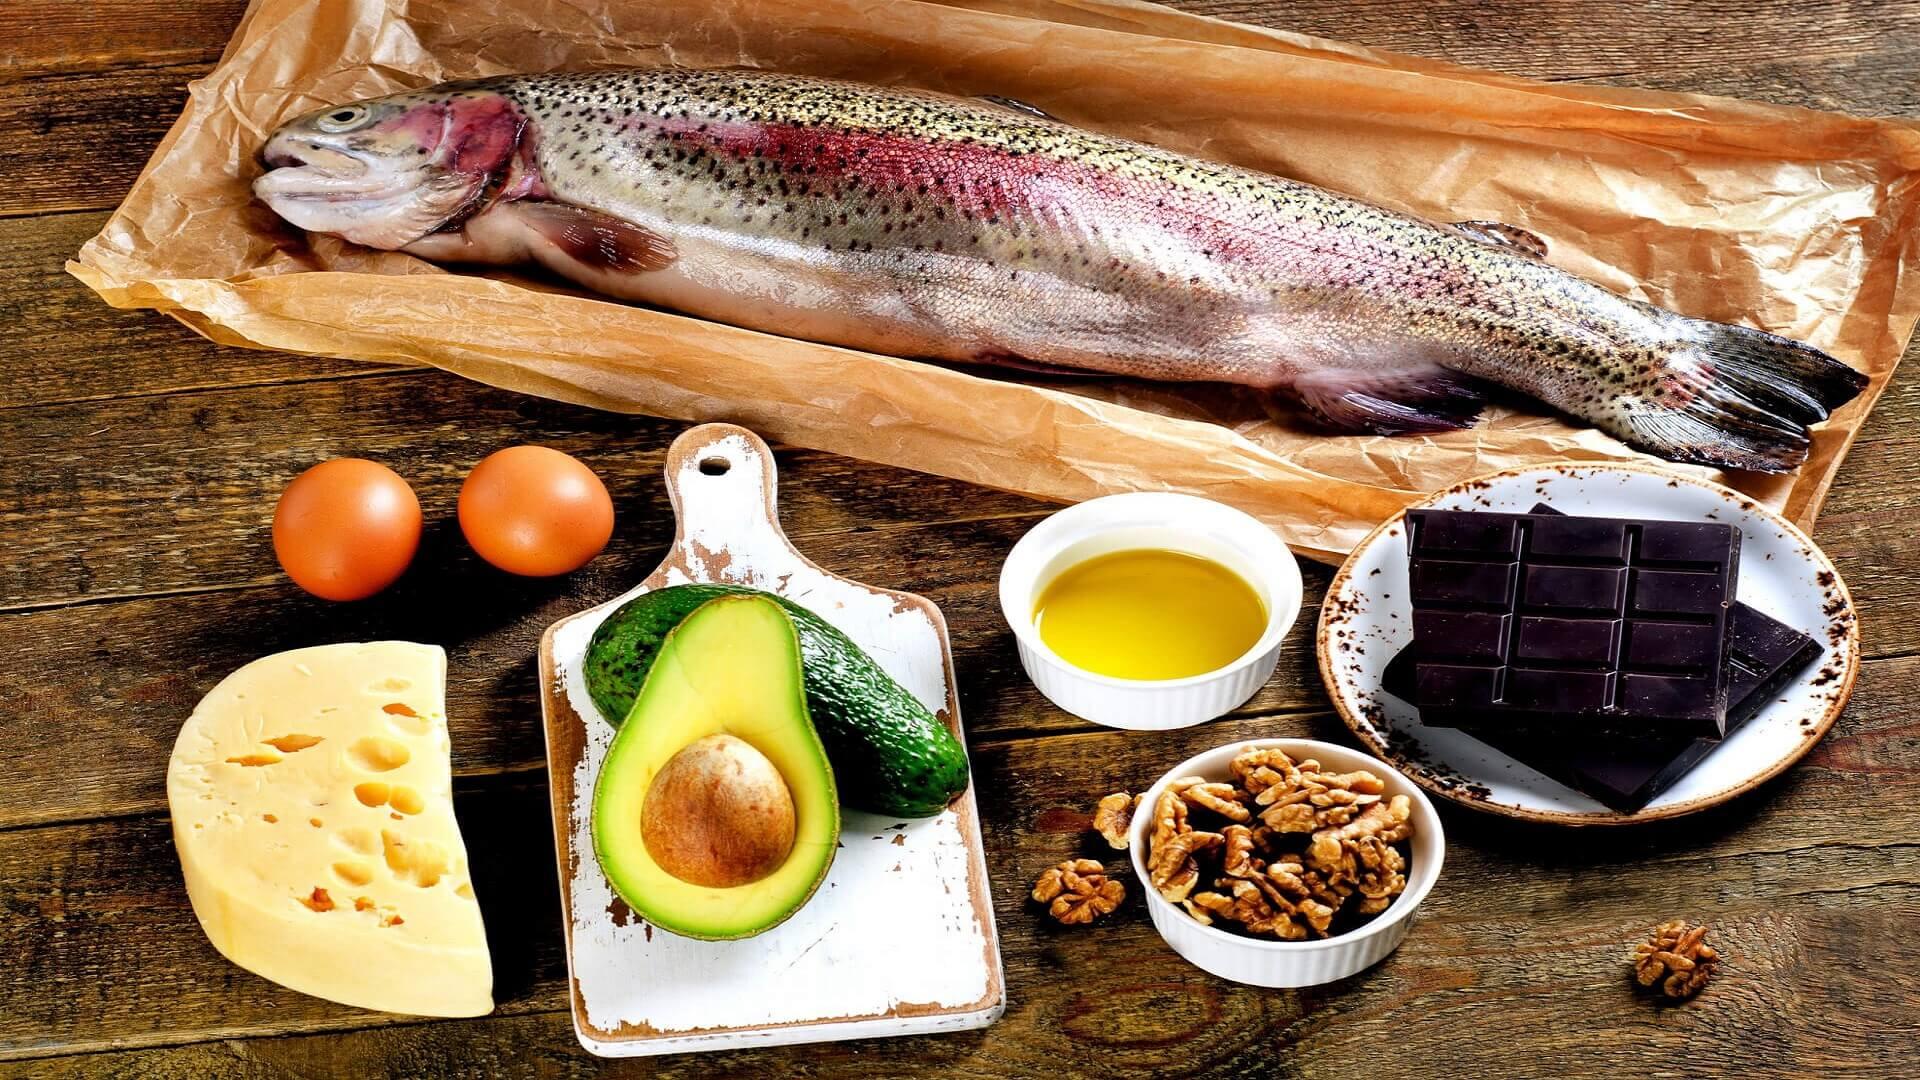 Dieta tłuszczowa – korzyści i ryzyko związane z większą podażą tłuszczy